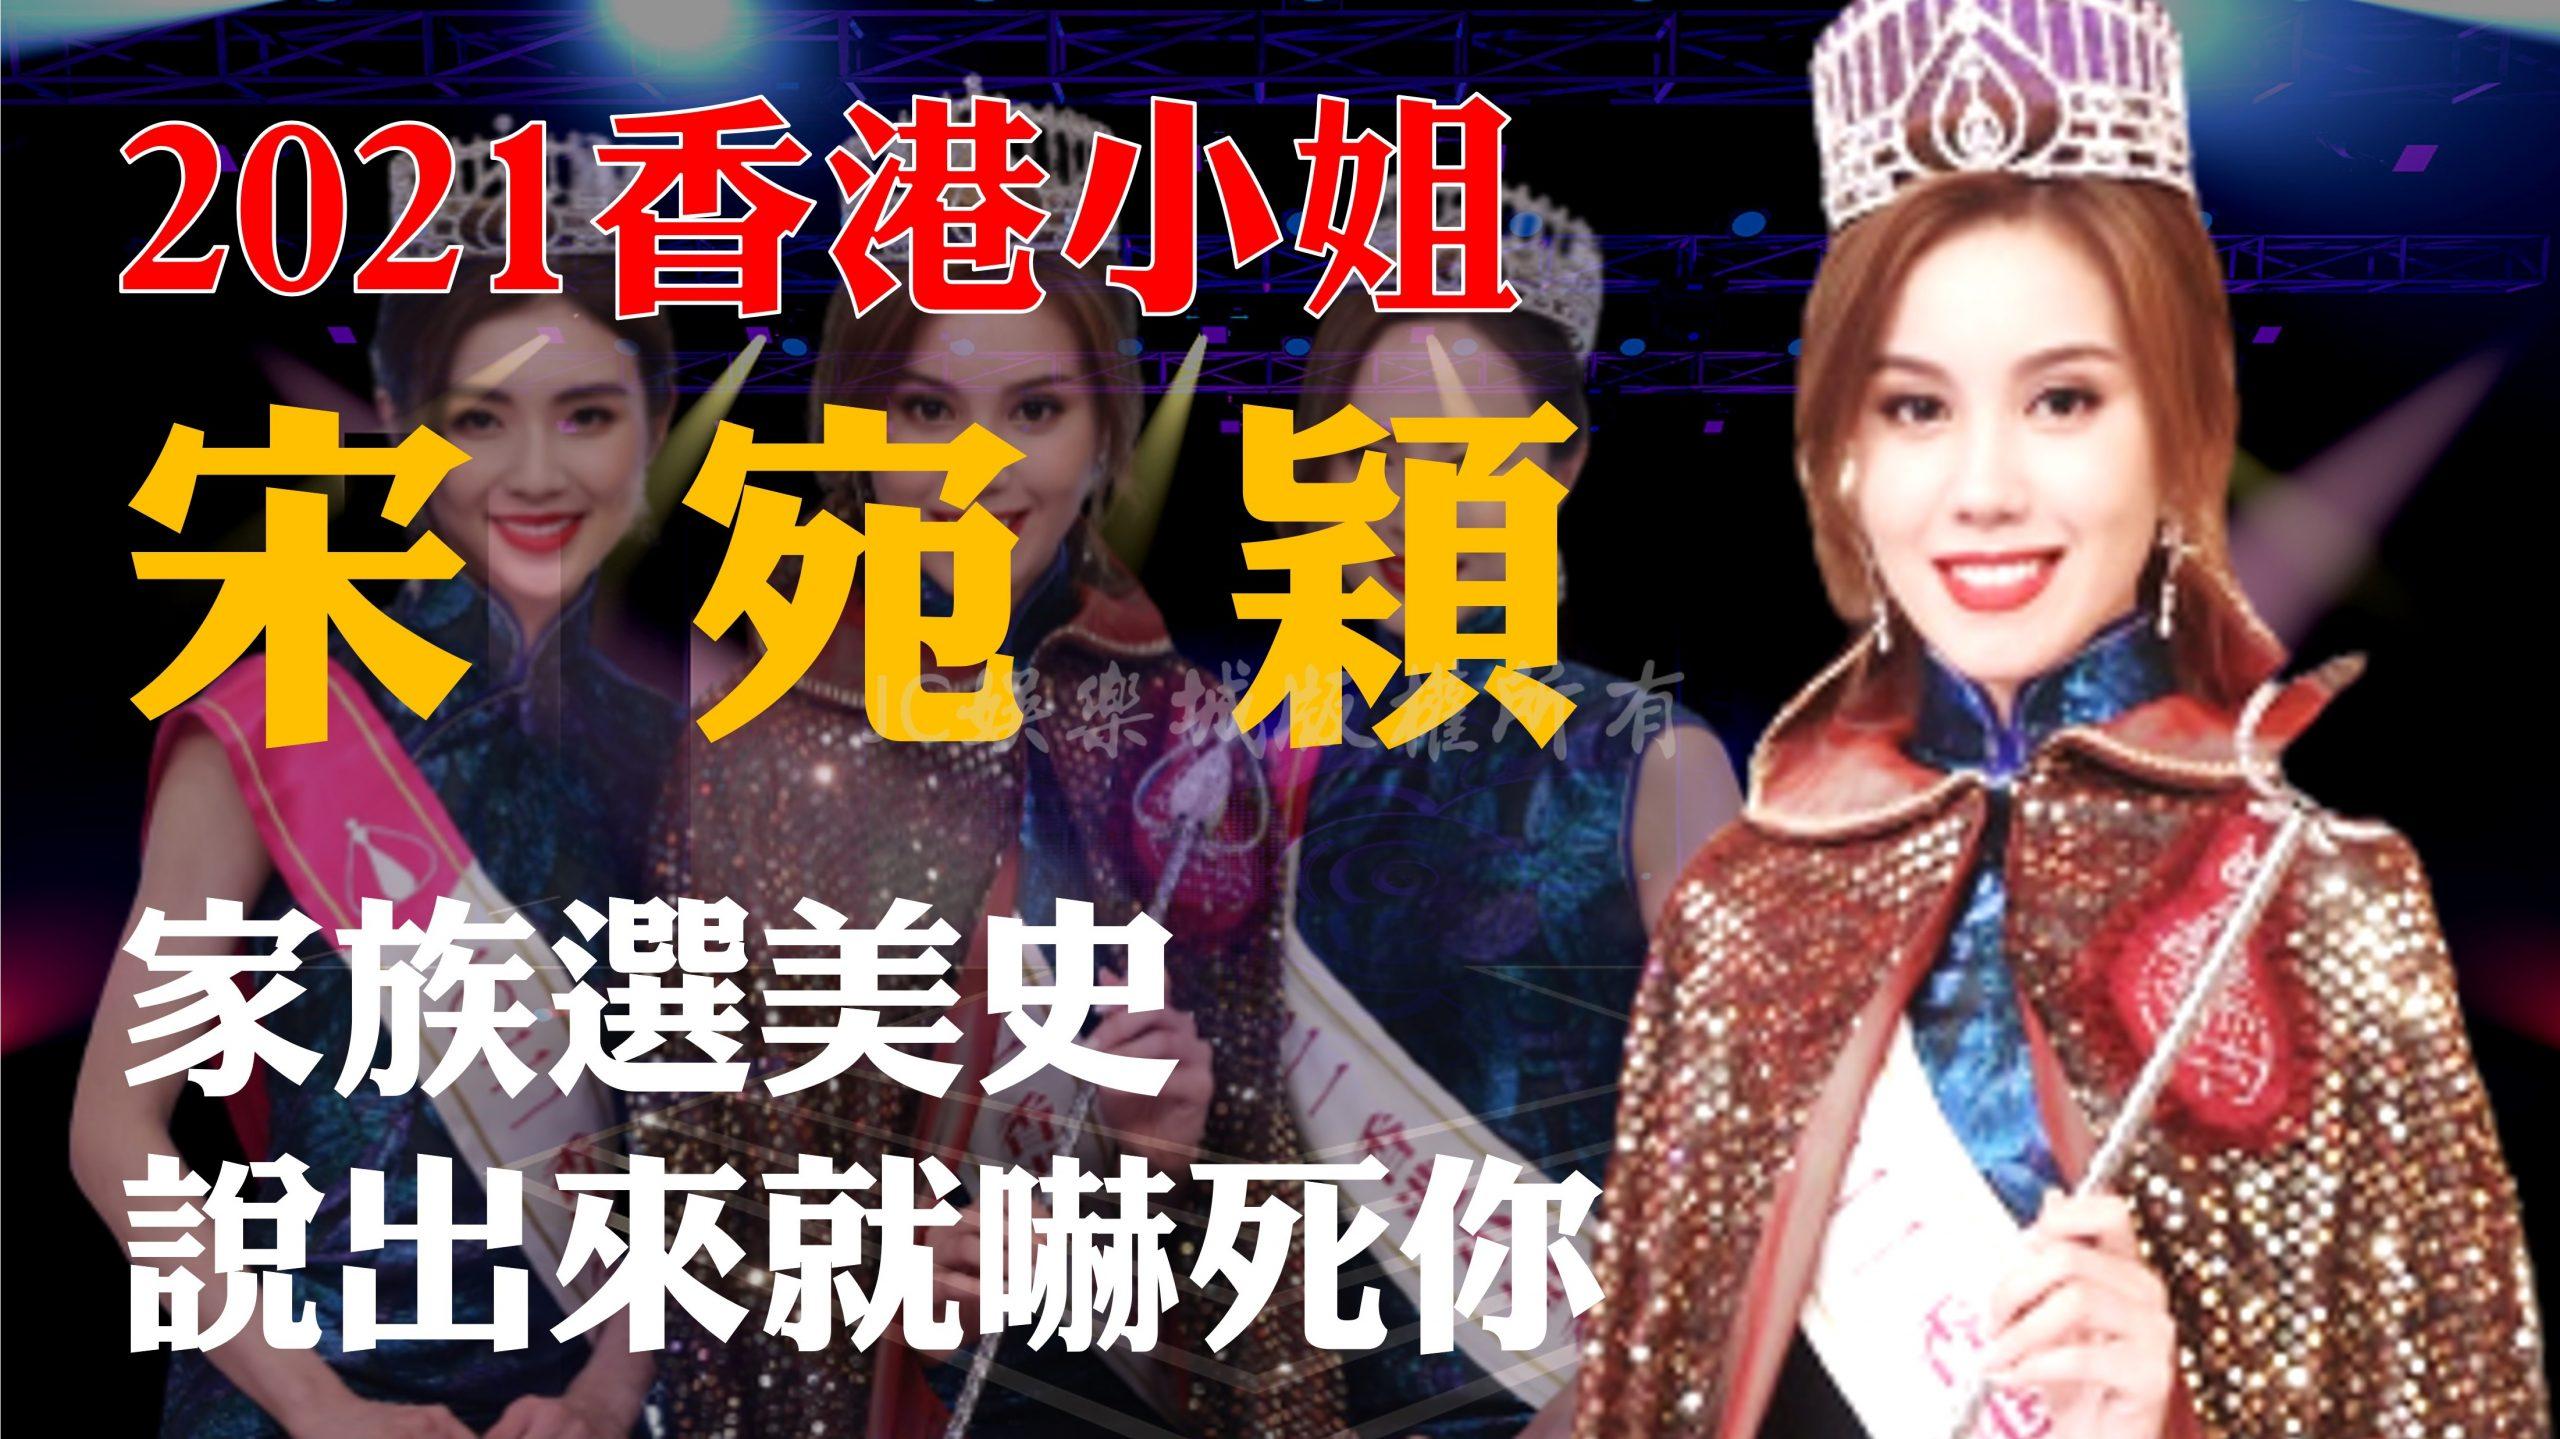 【2021香港小姐宋宛穎】奪冠!看完2021香港小姐選手名單就知道競爭超激烈!